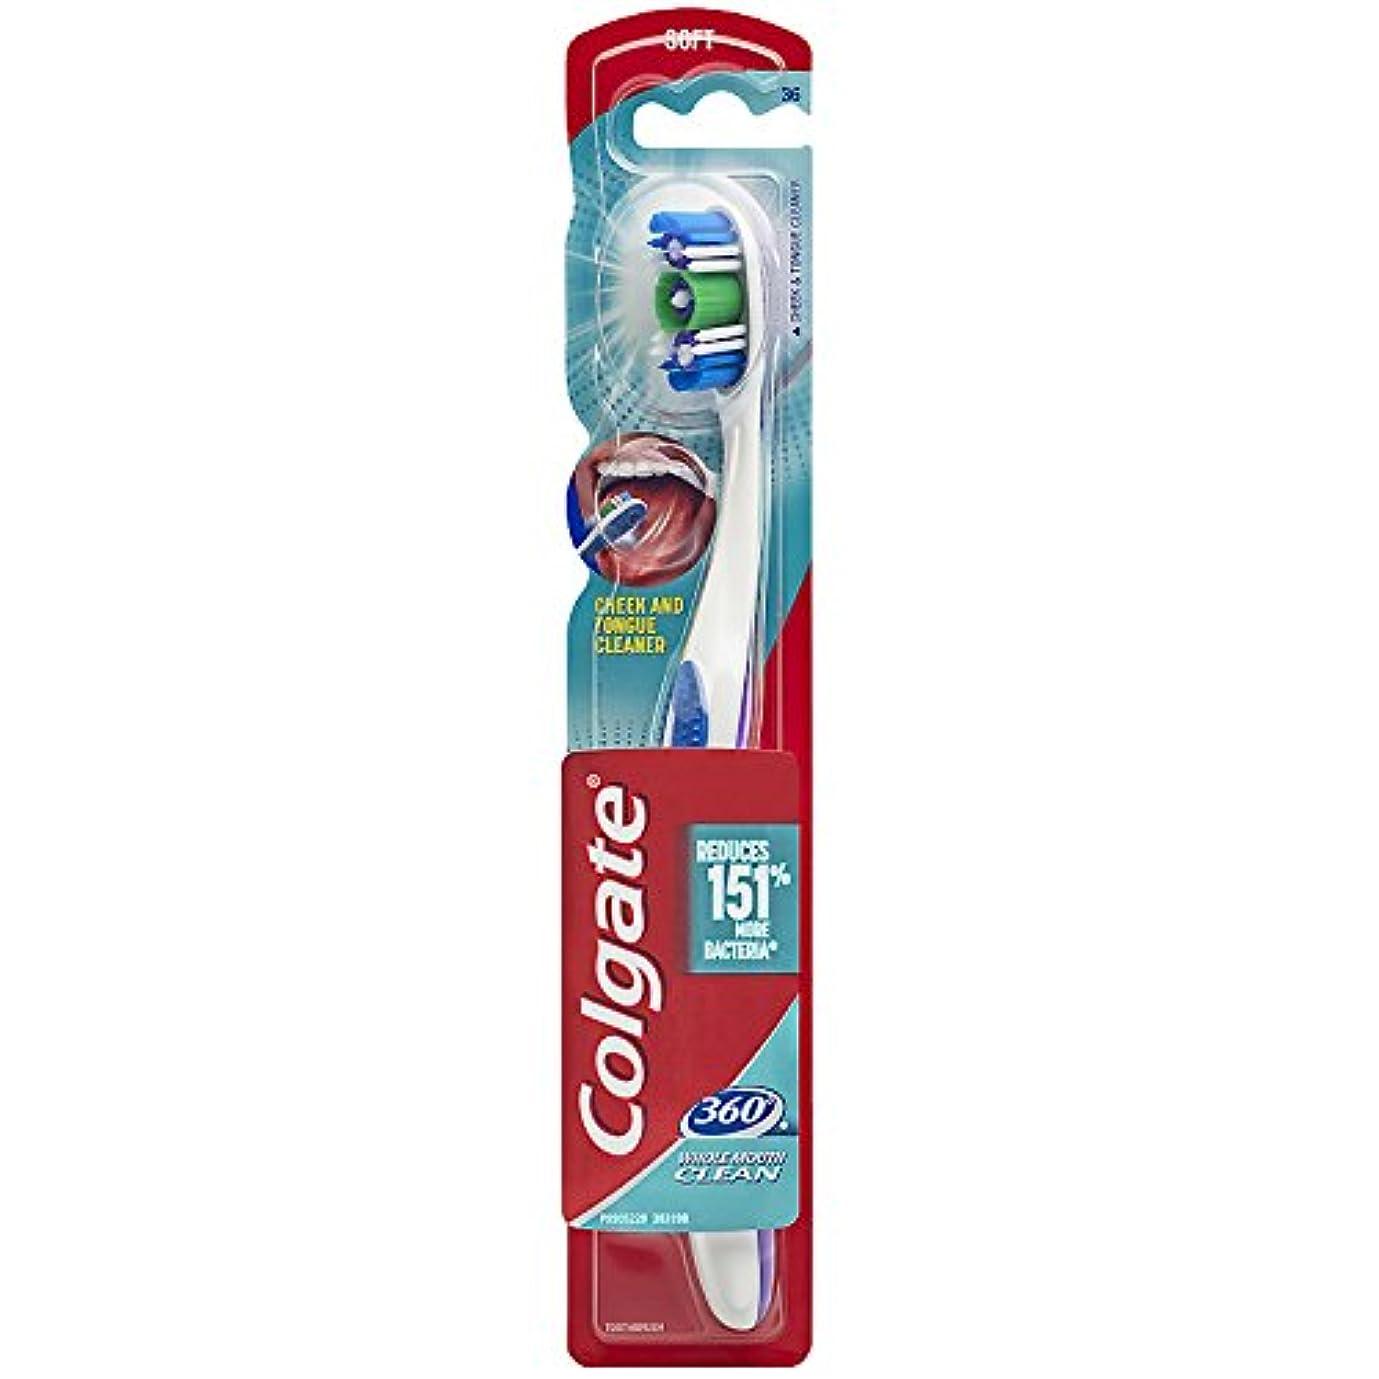 怒る勝つプロトタイプColgate 舌と頬クリーナーで360歯ブラシ - ソフト(1パック)